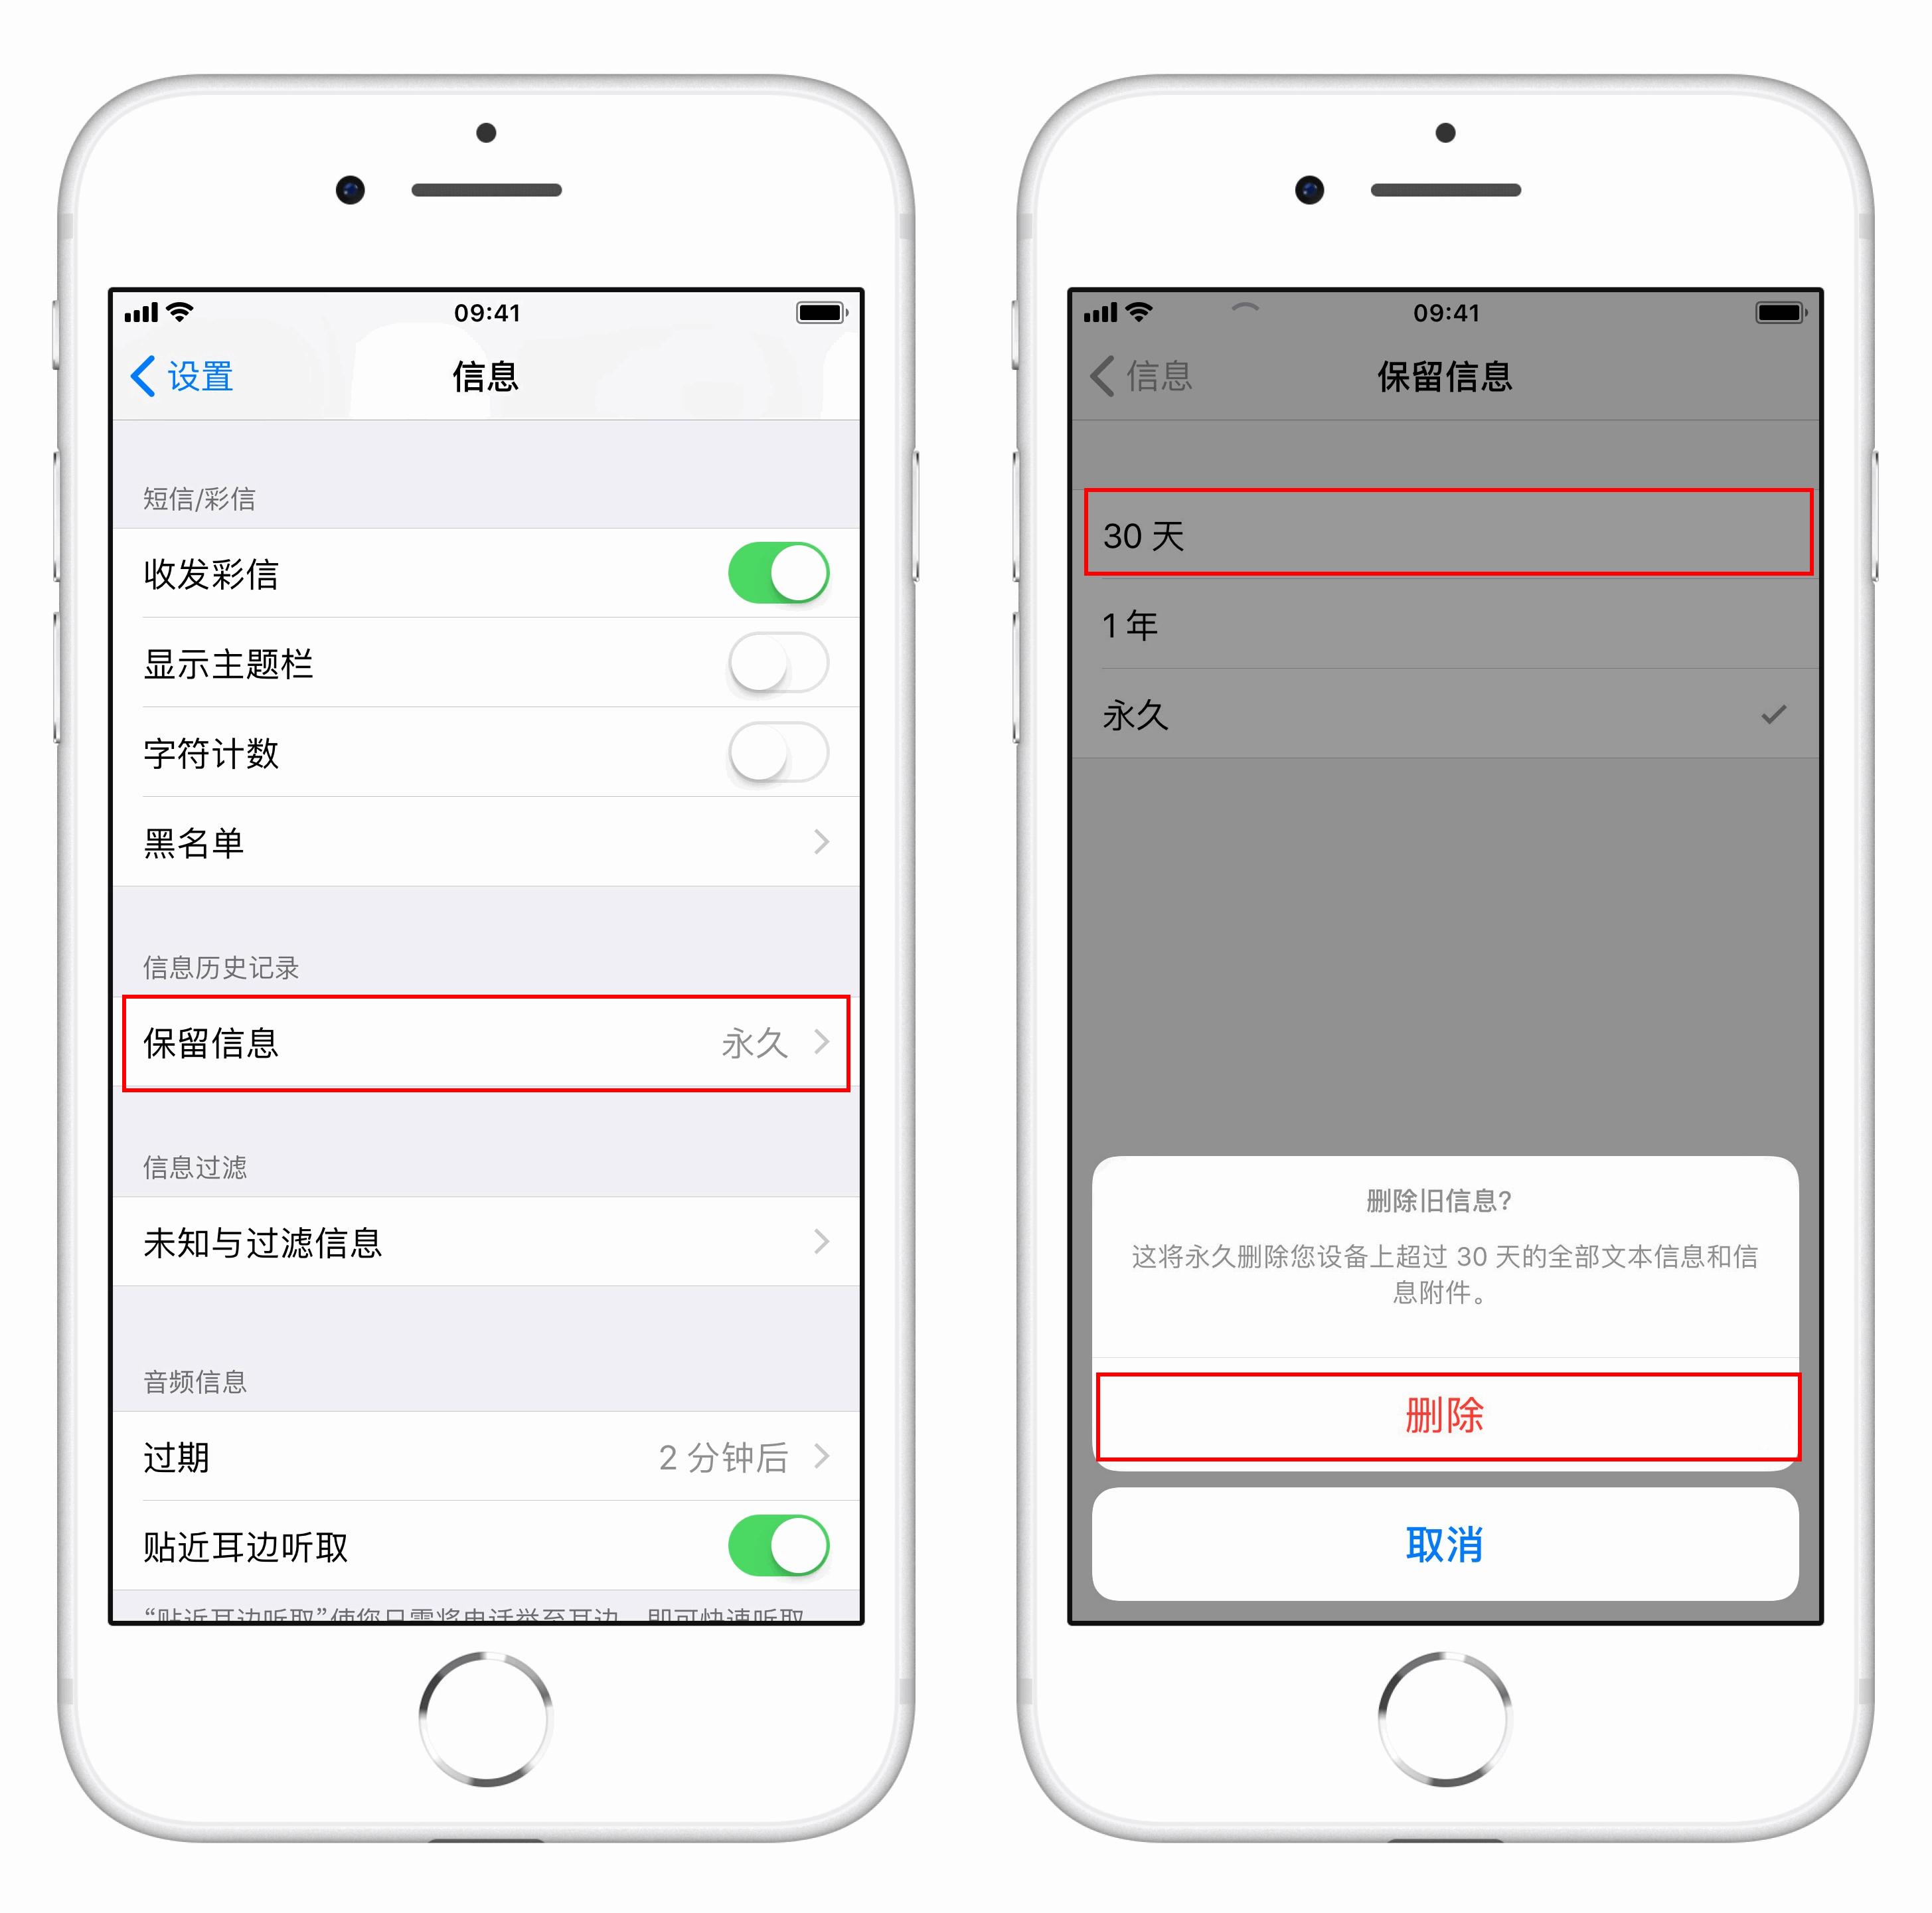 iPhone 如何删除所有短信、标记全部已读?